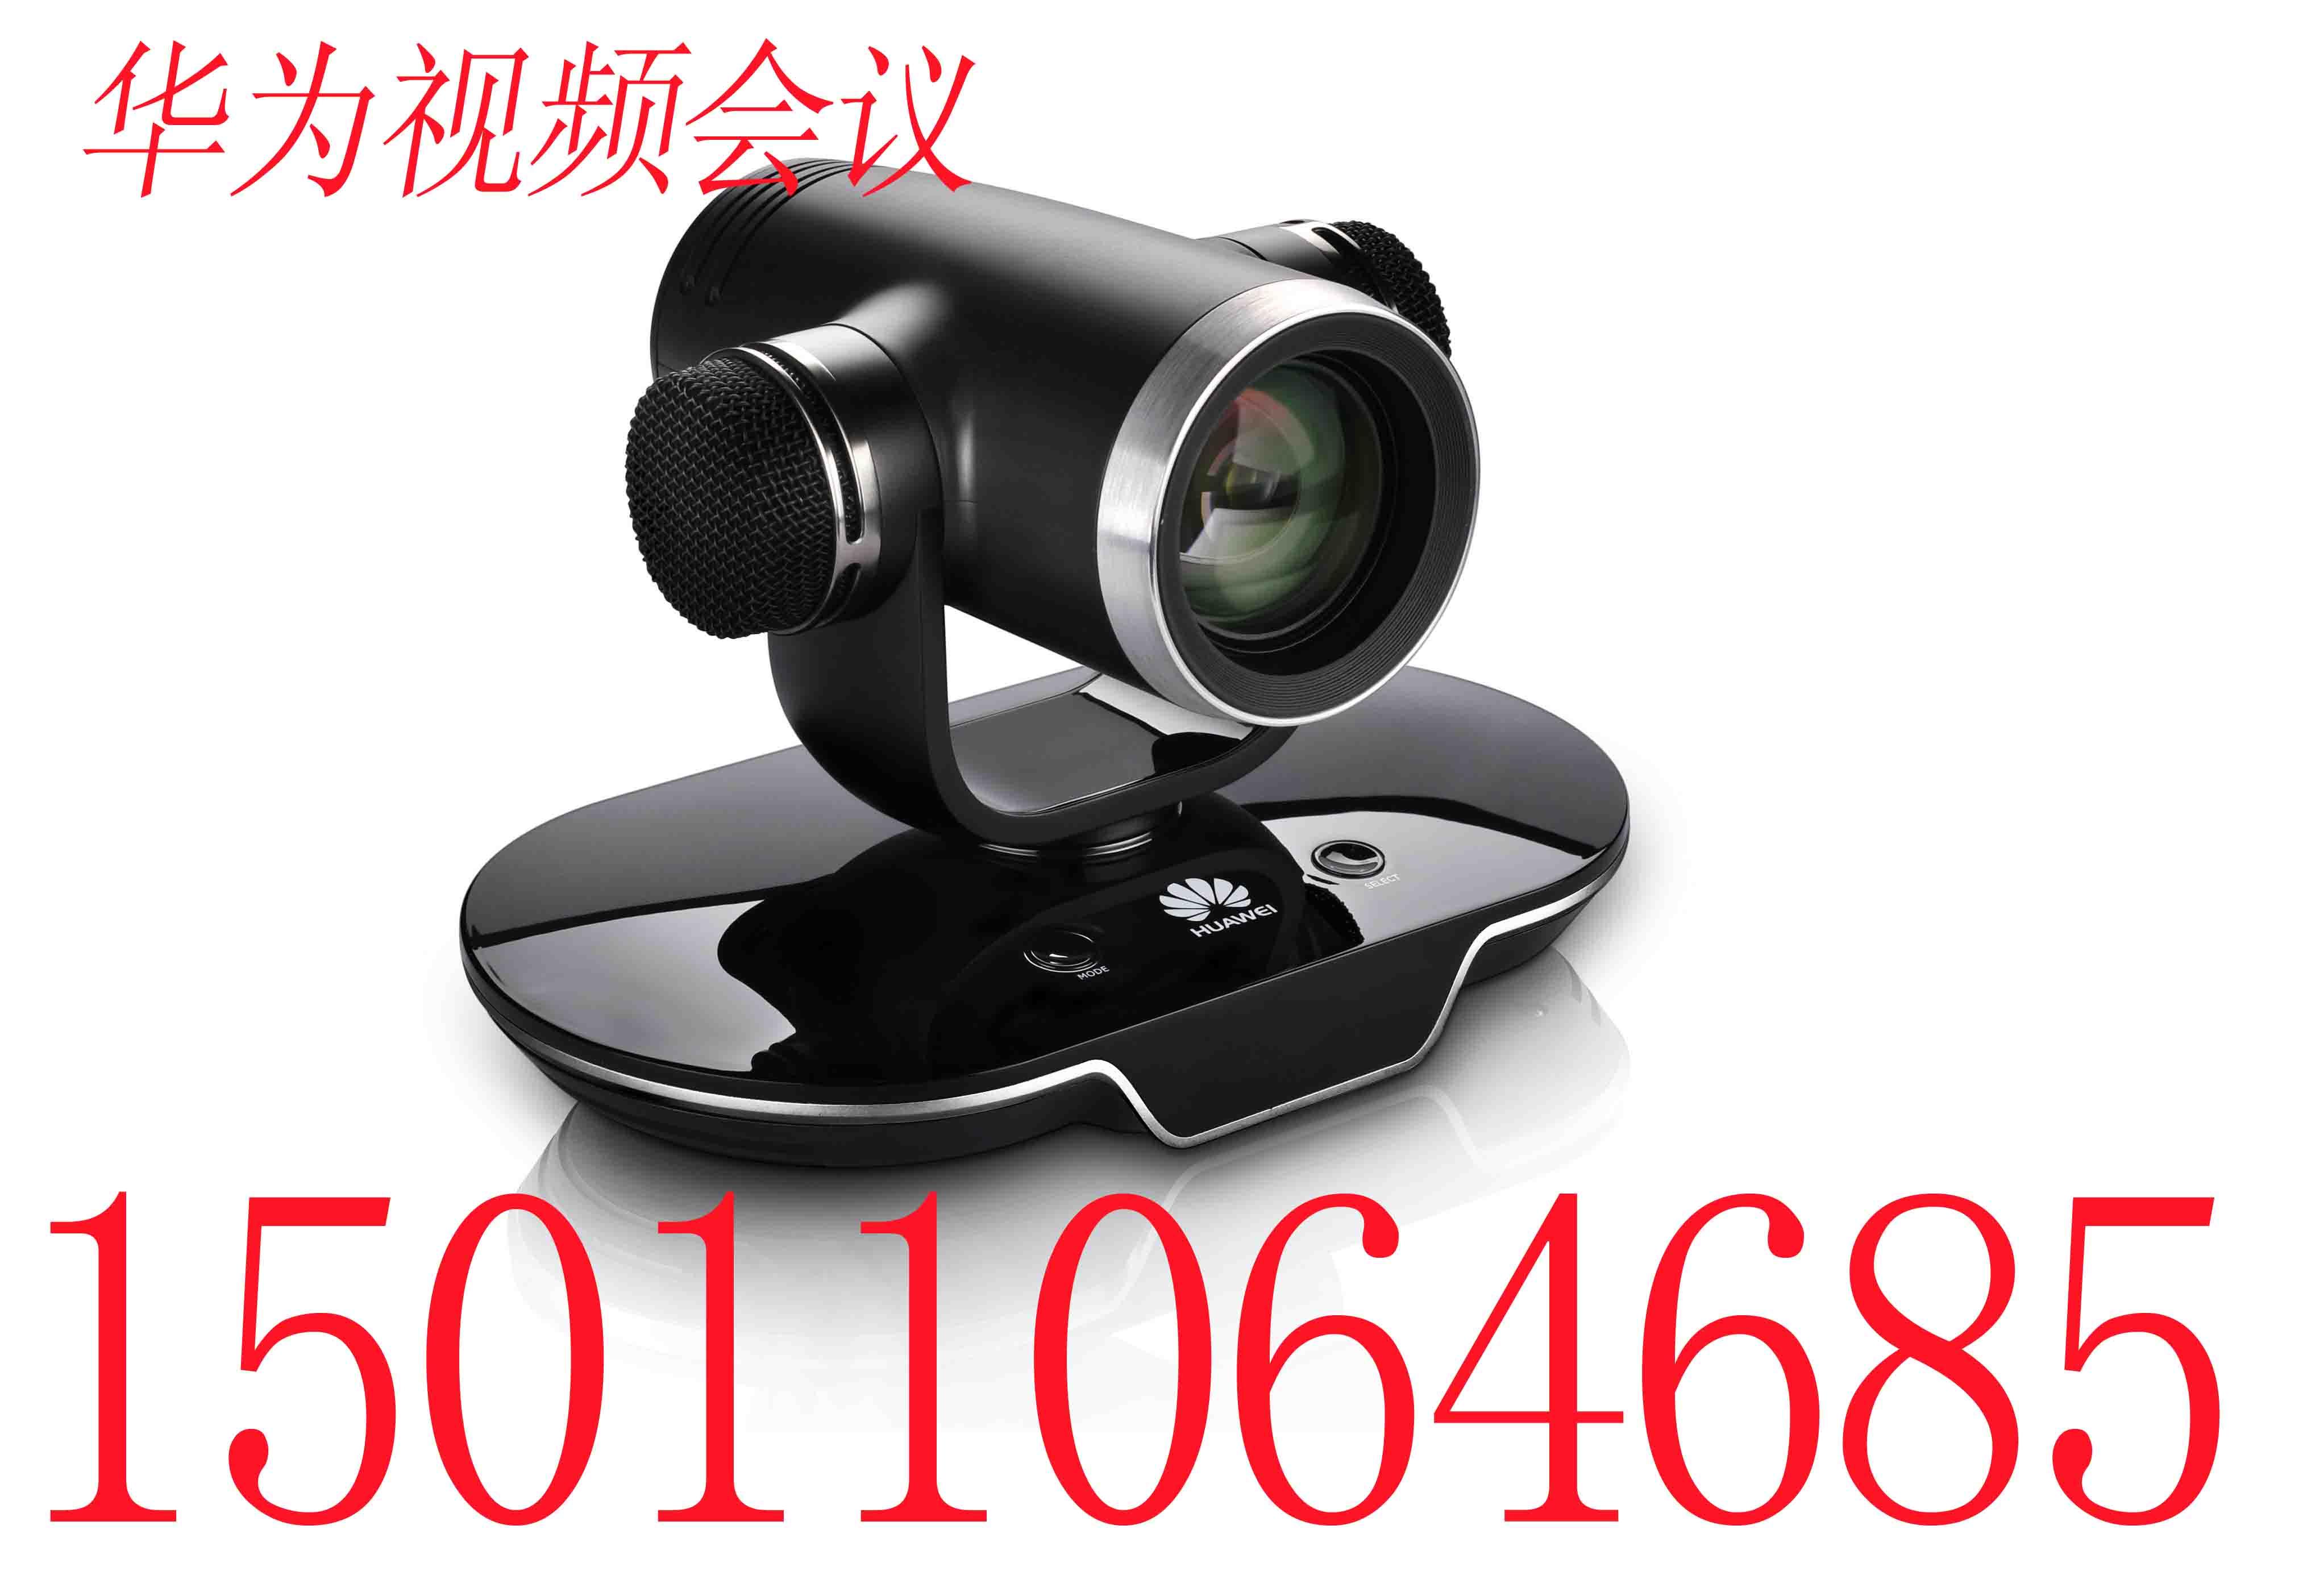 华为TE30视频会议一体机,TE30-1080P高清会议终端